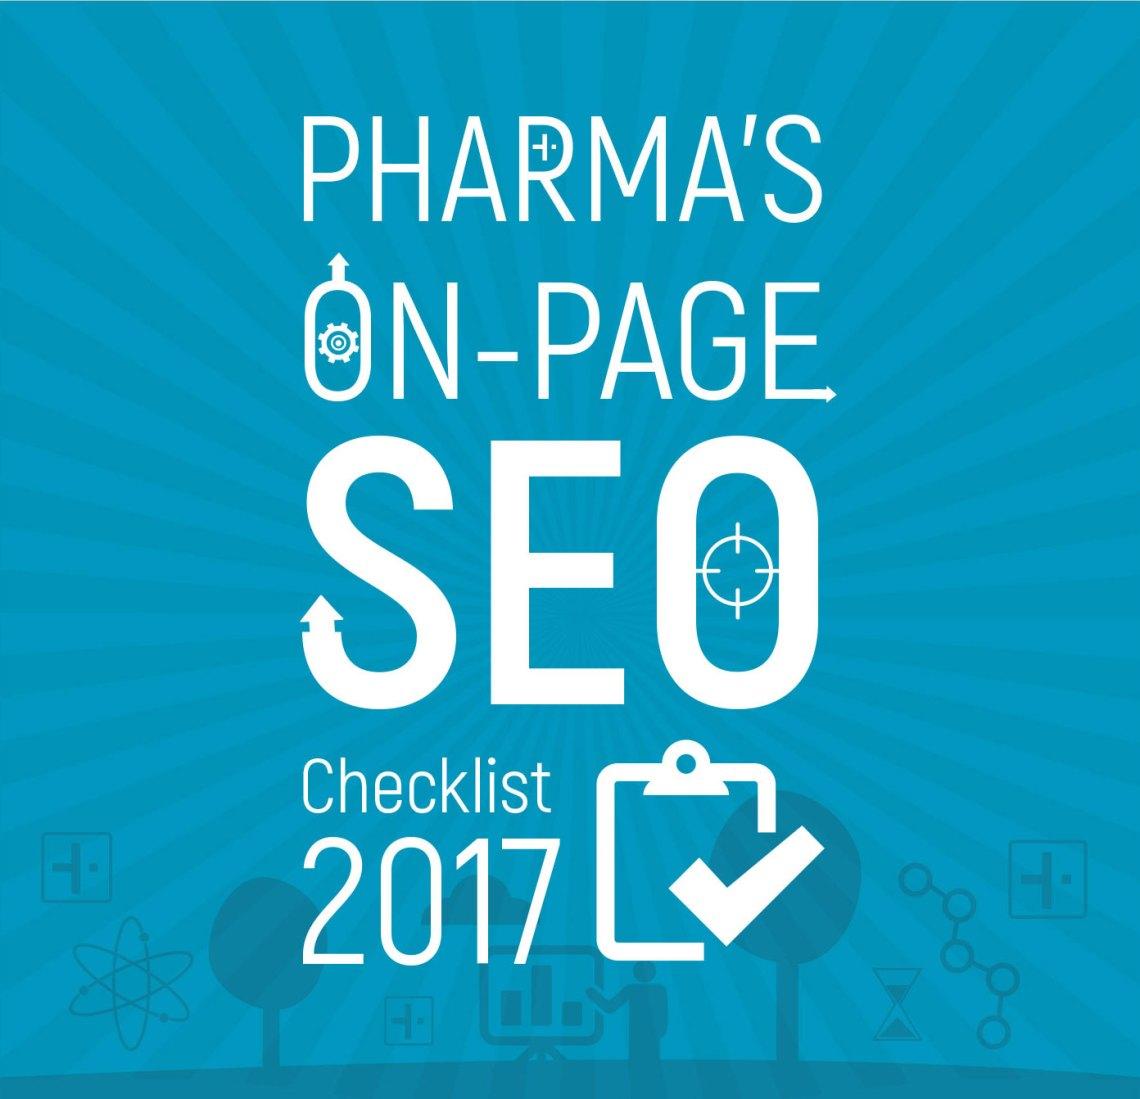 Repurpose pharma content infographic